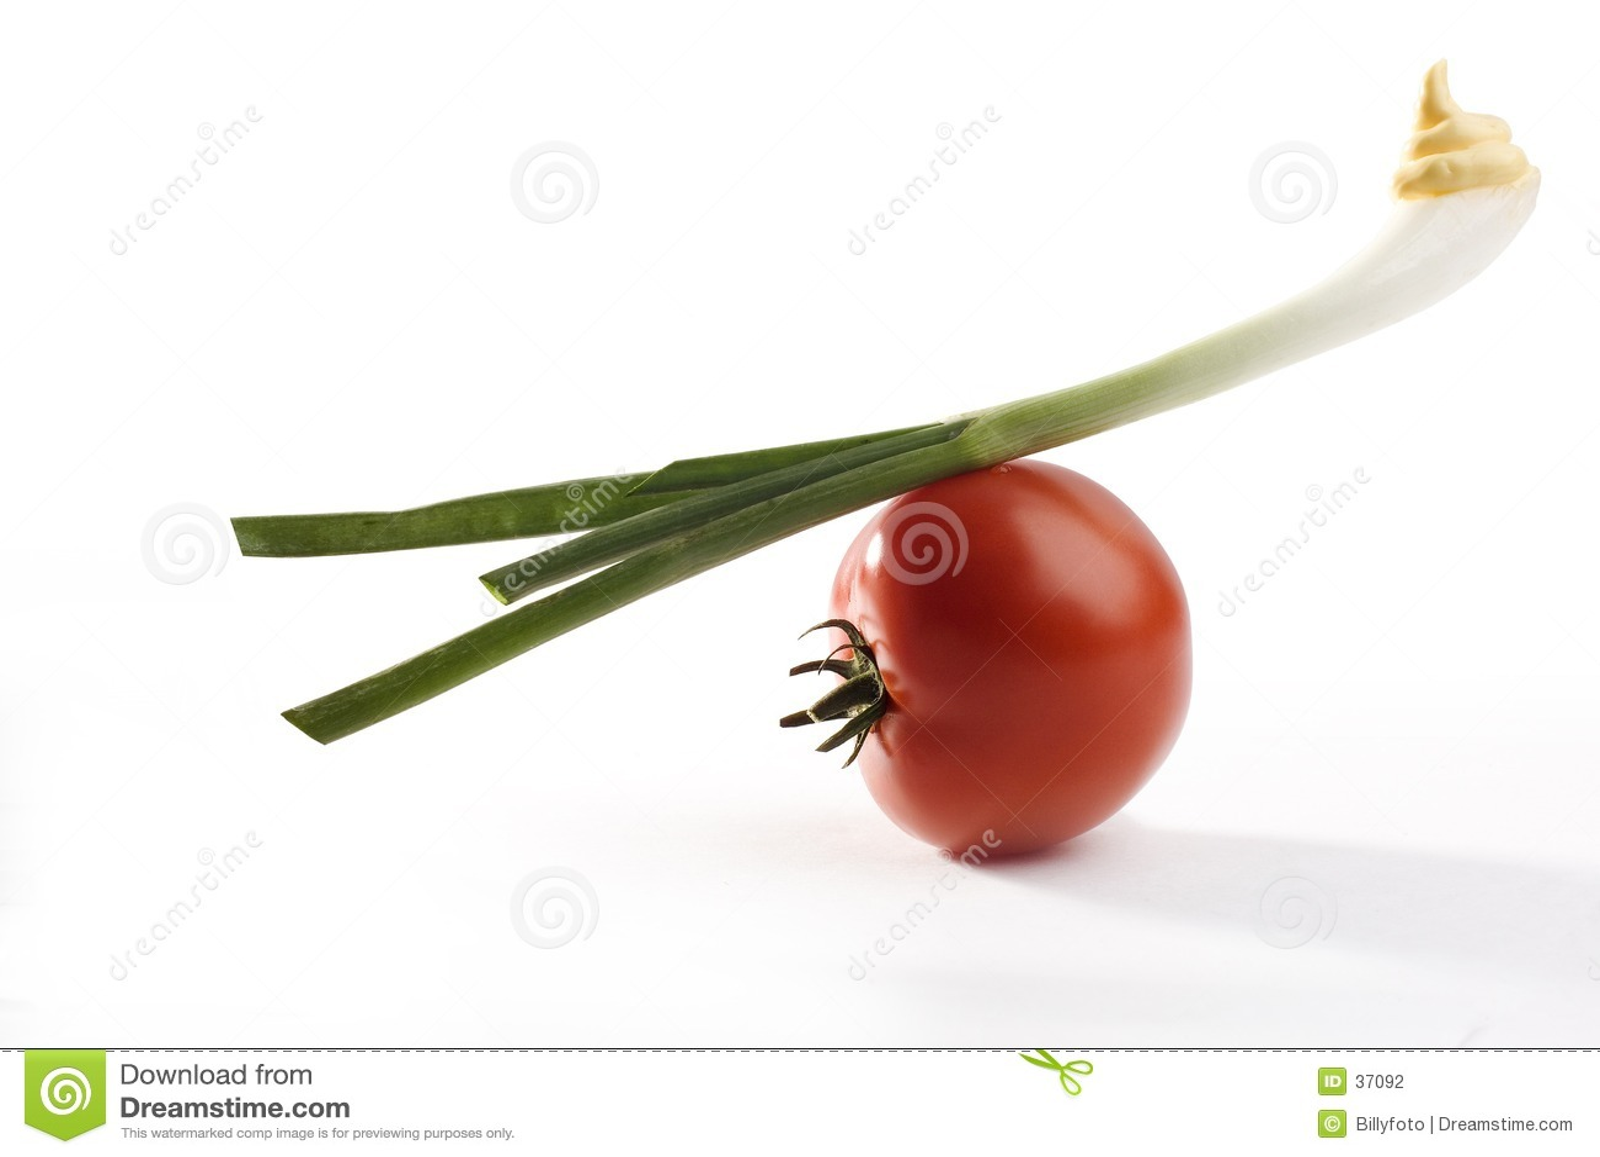 Mayo葱蕃茄